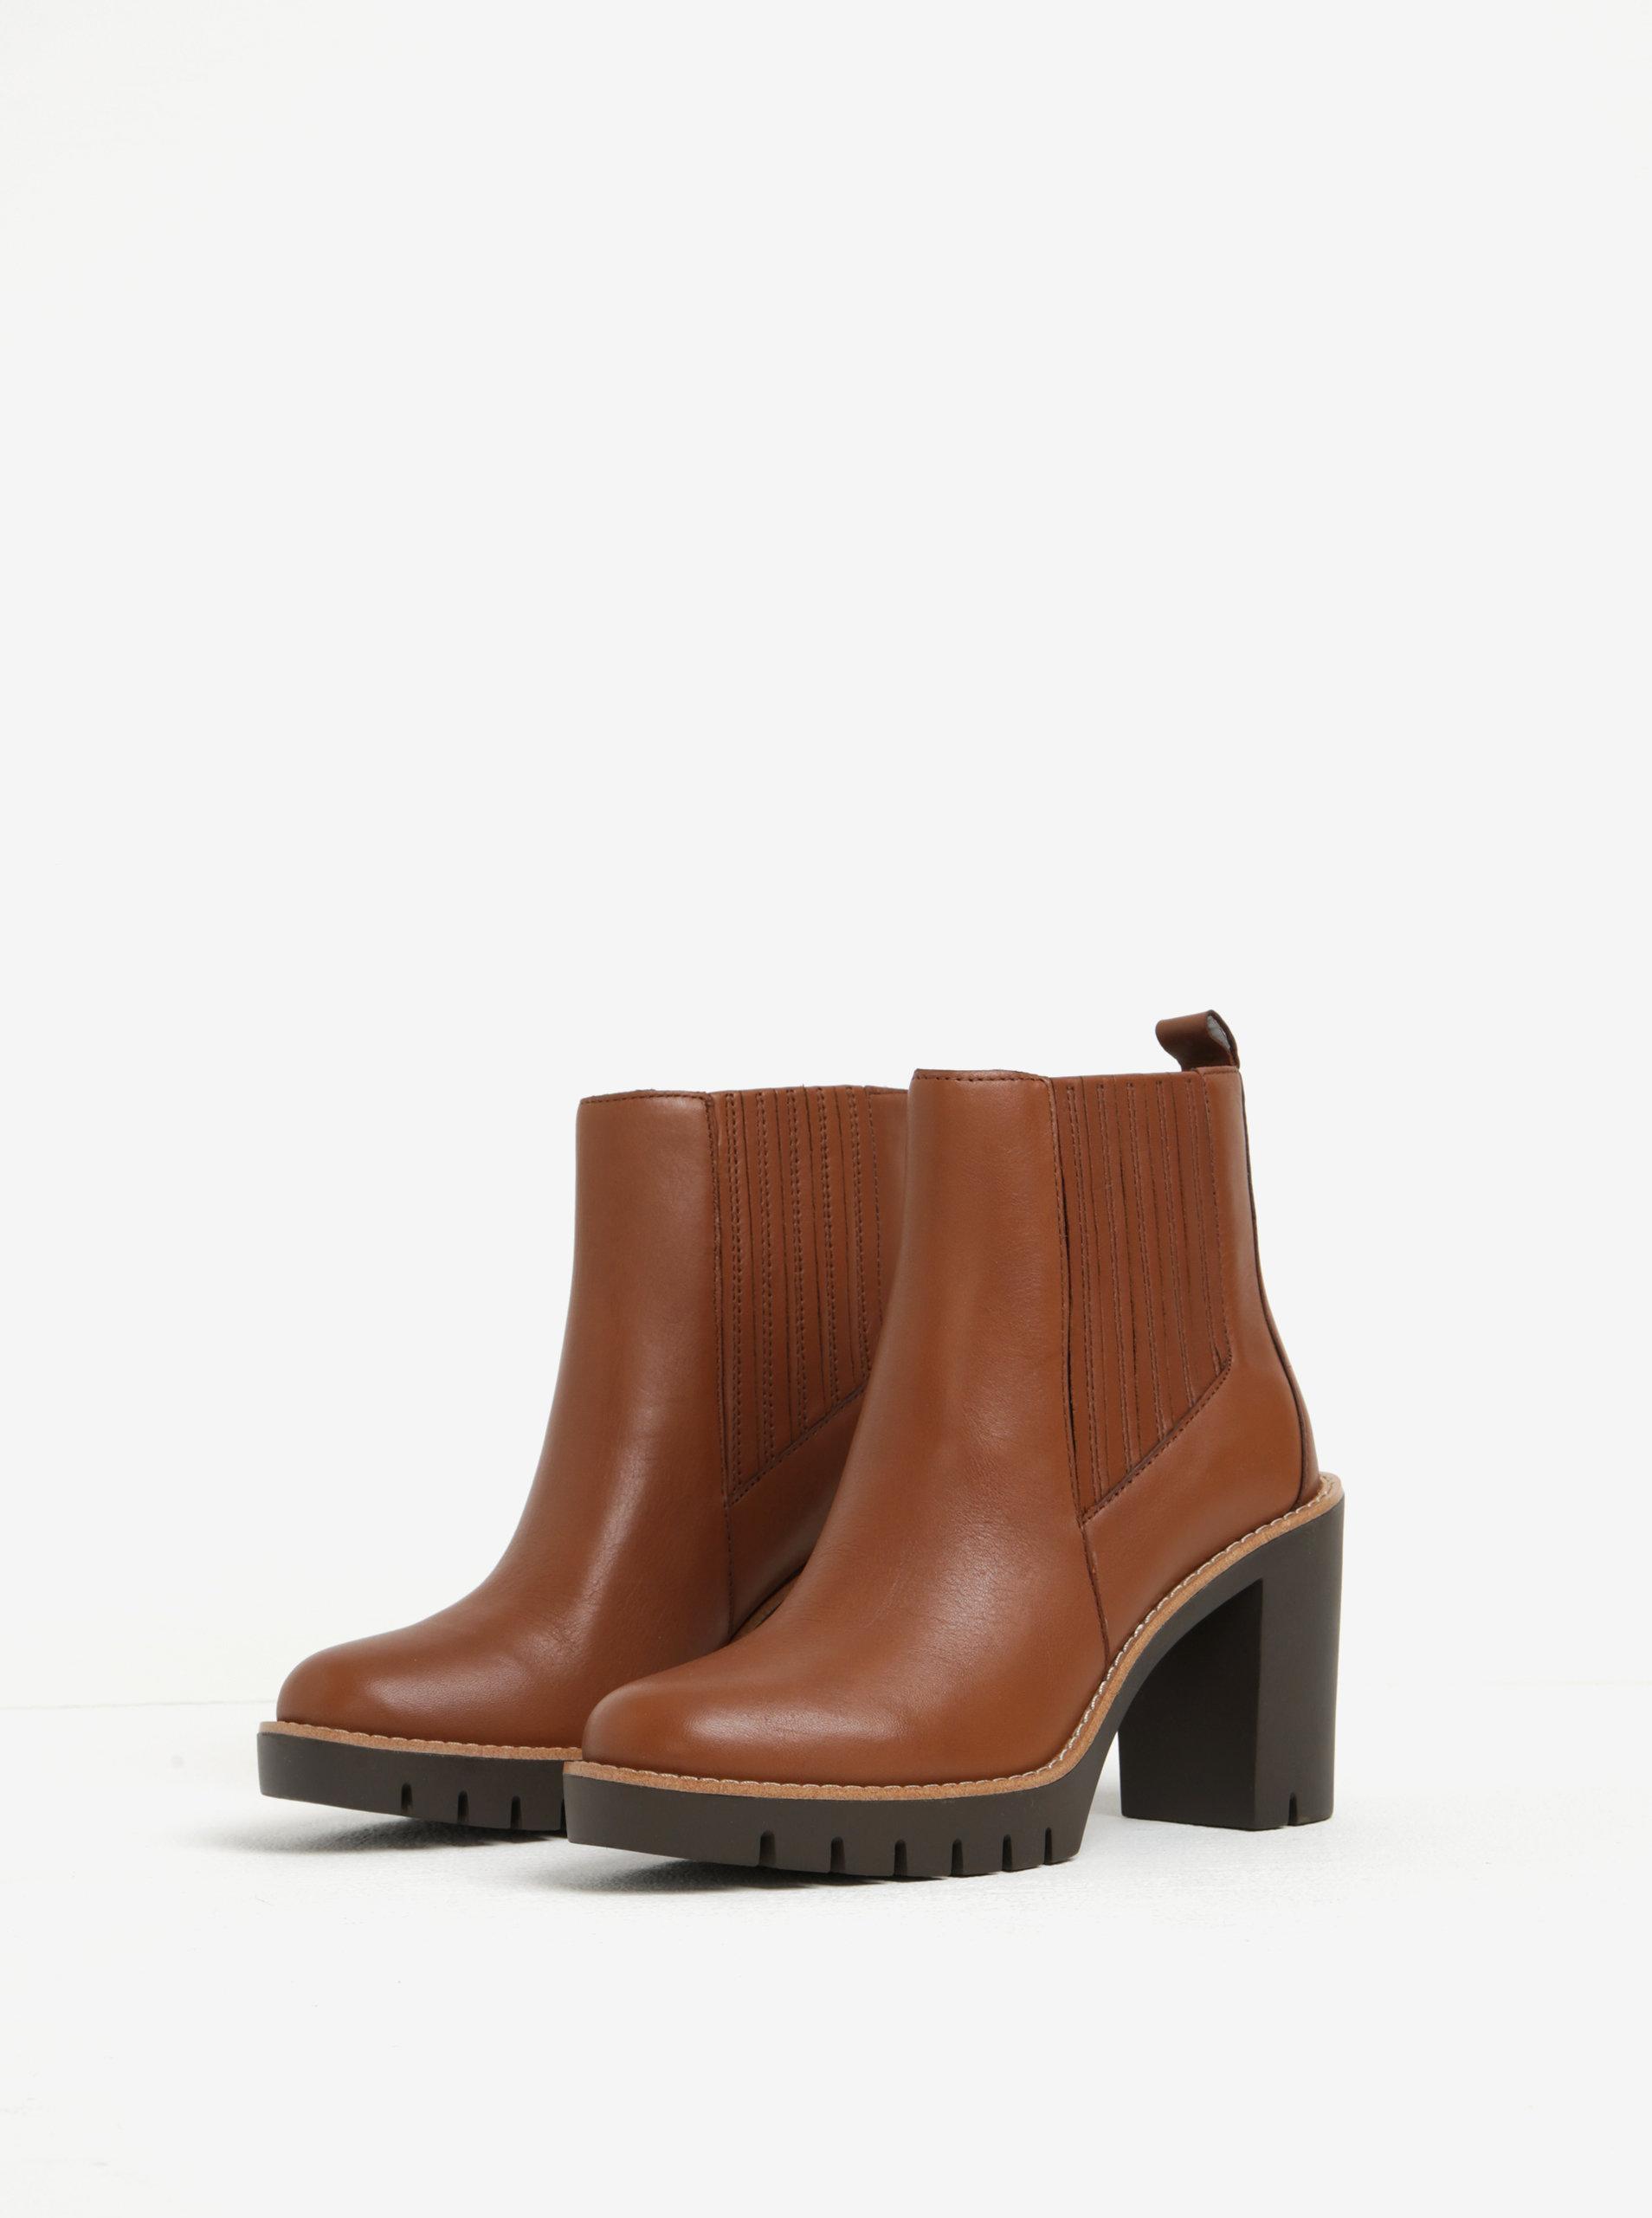 1b2921bdf355 Hnedé dámske kožené chelsea topánky na vysokom podpätku Tommy Hilfiger  Paola ...